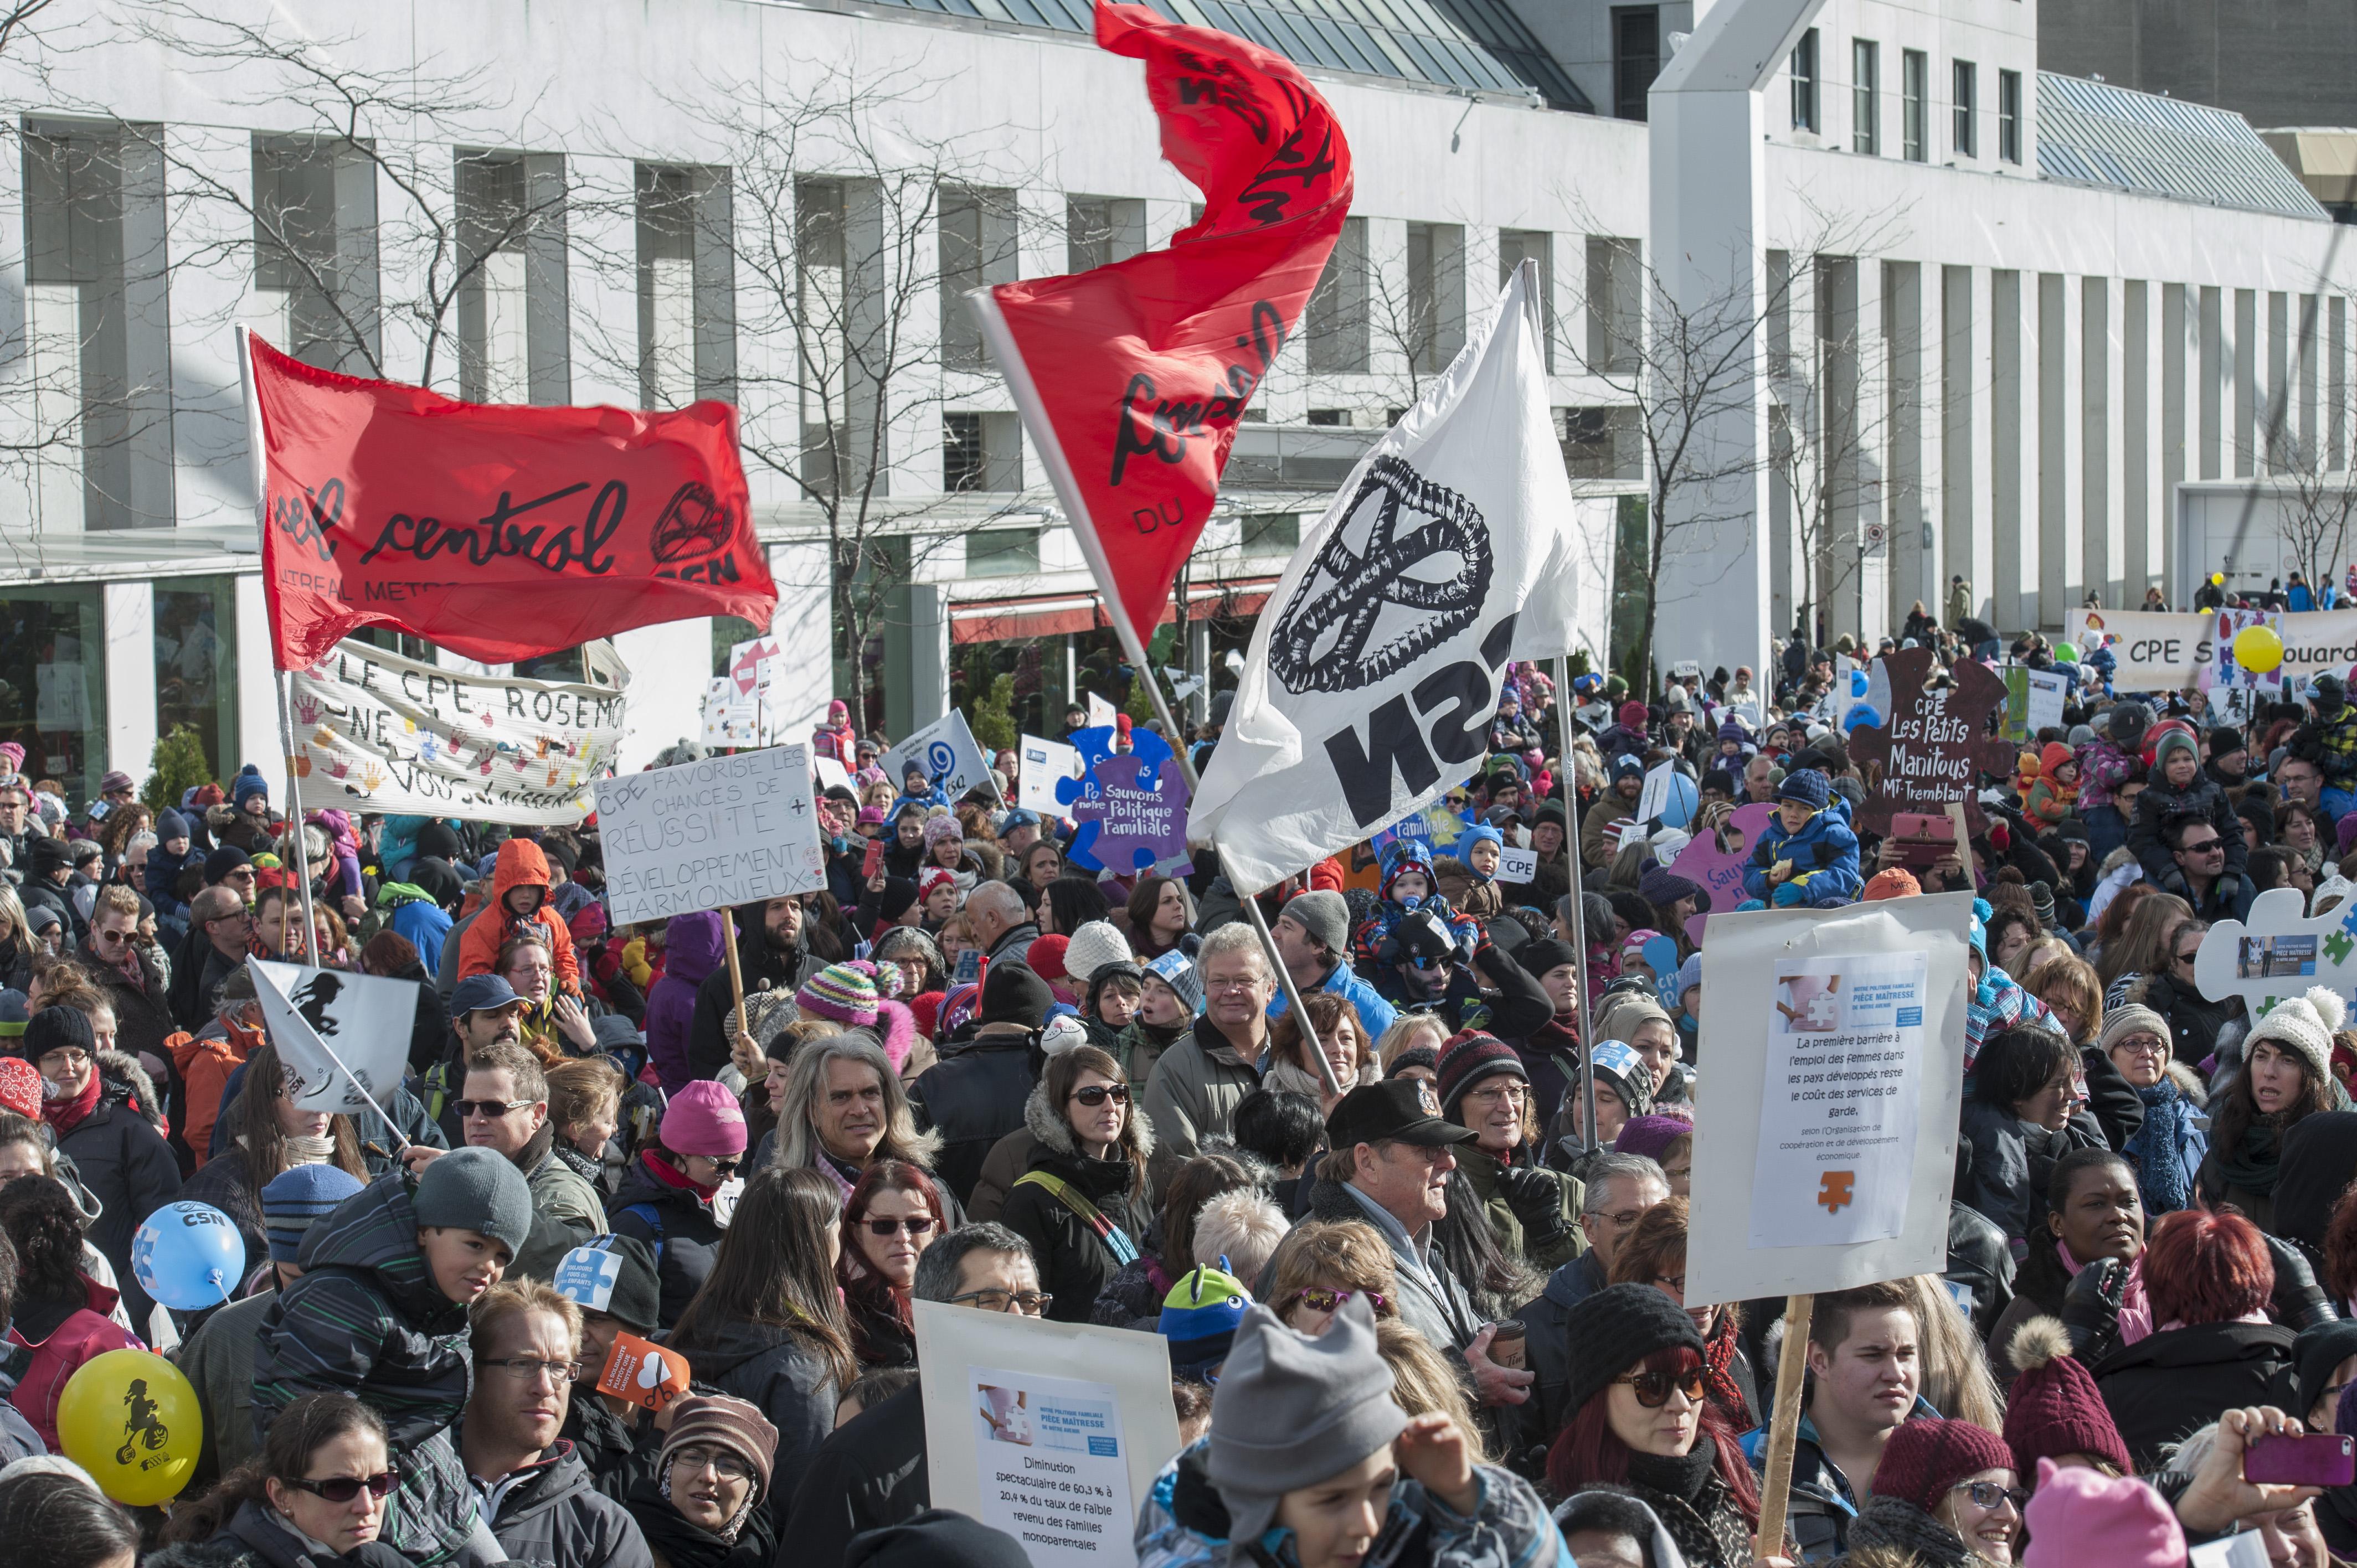 L'objectif du gouvernement Couillard : Démanteler le modèle québécois pour adopter le modèle canadien